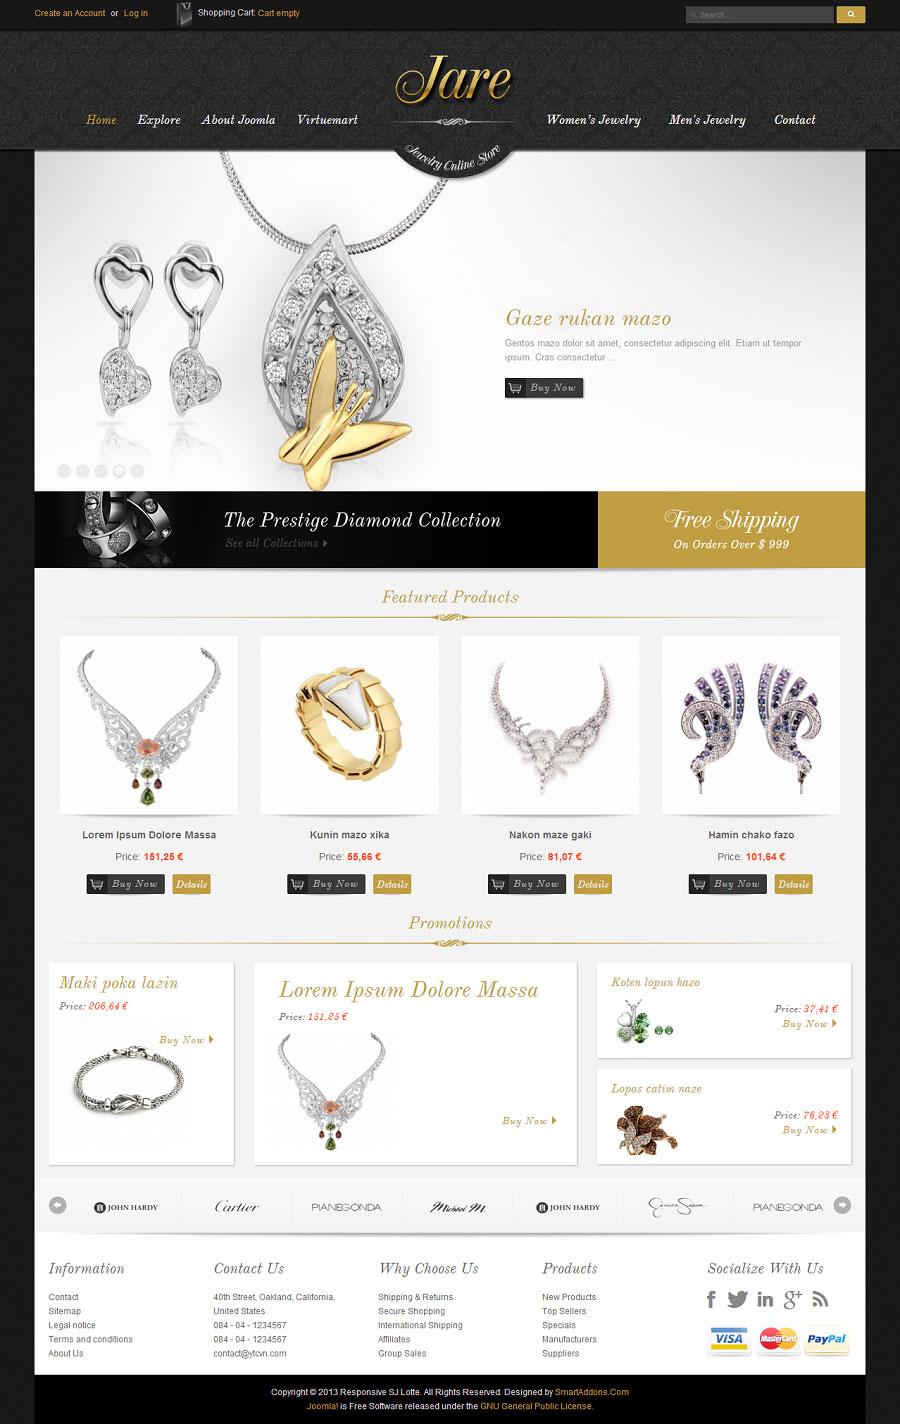 SJ JARE - Thiết kế website : Bán đồ trang sức